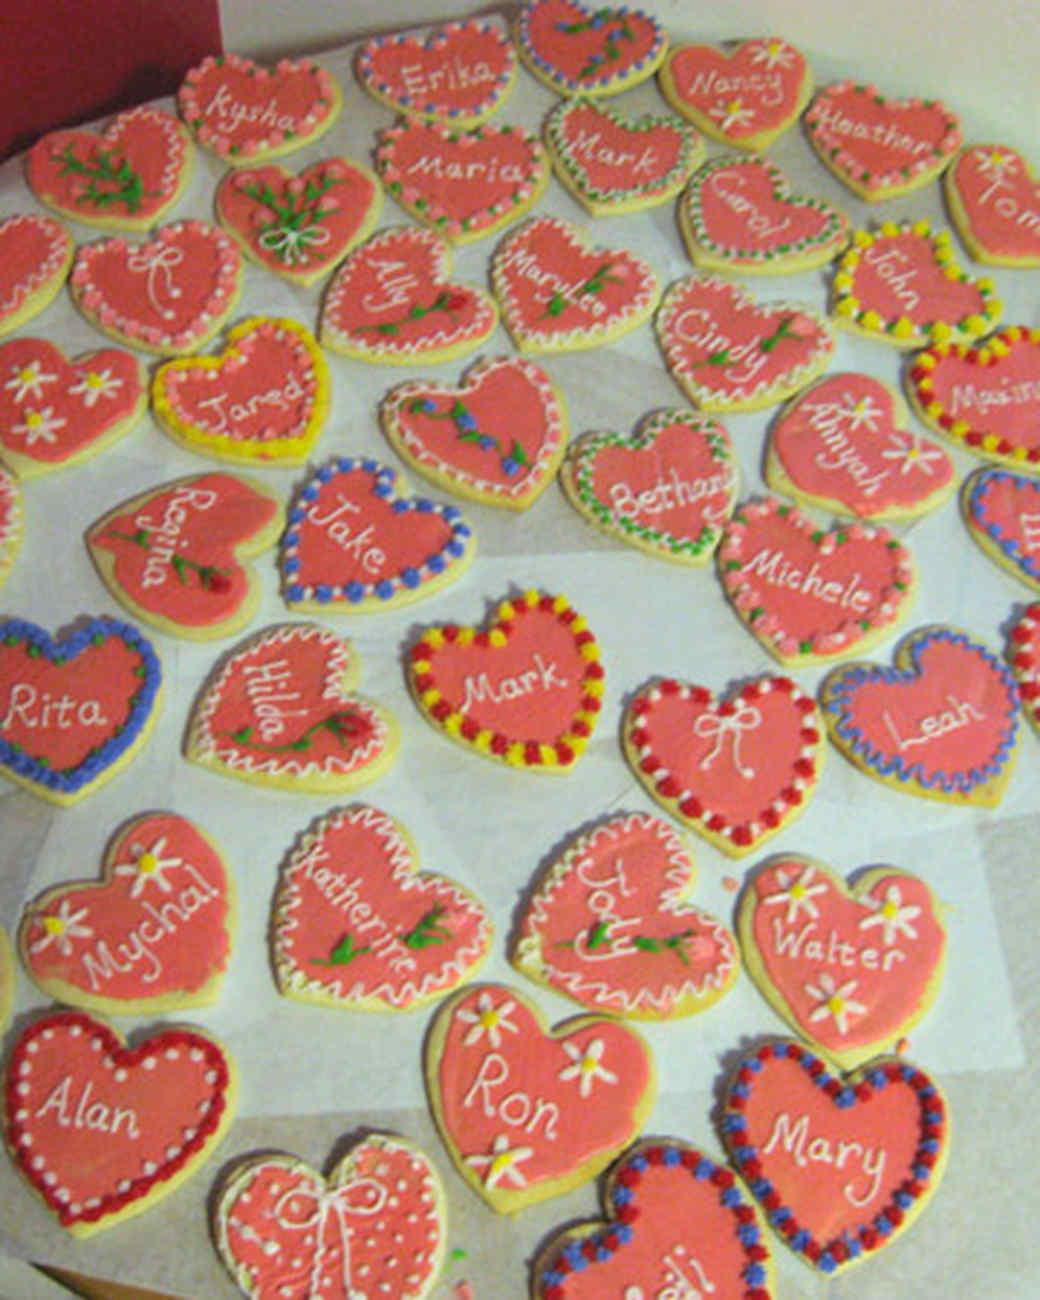 vday_treat_ugc09_name_heart_cookies.jpg